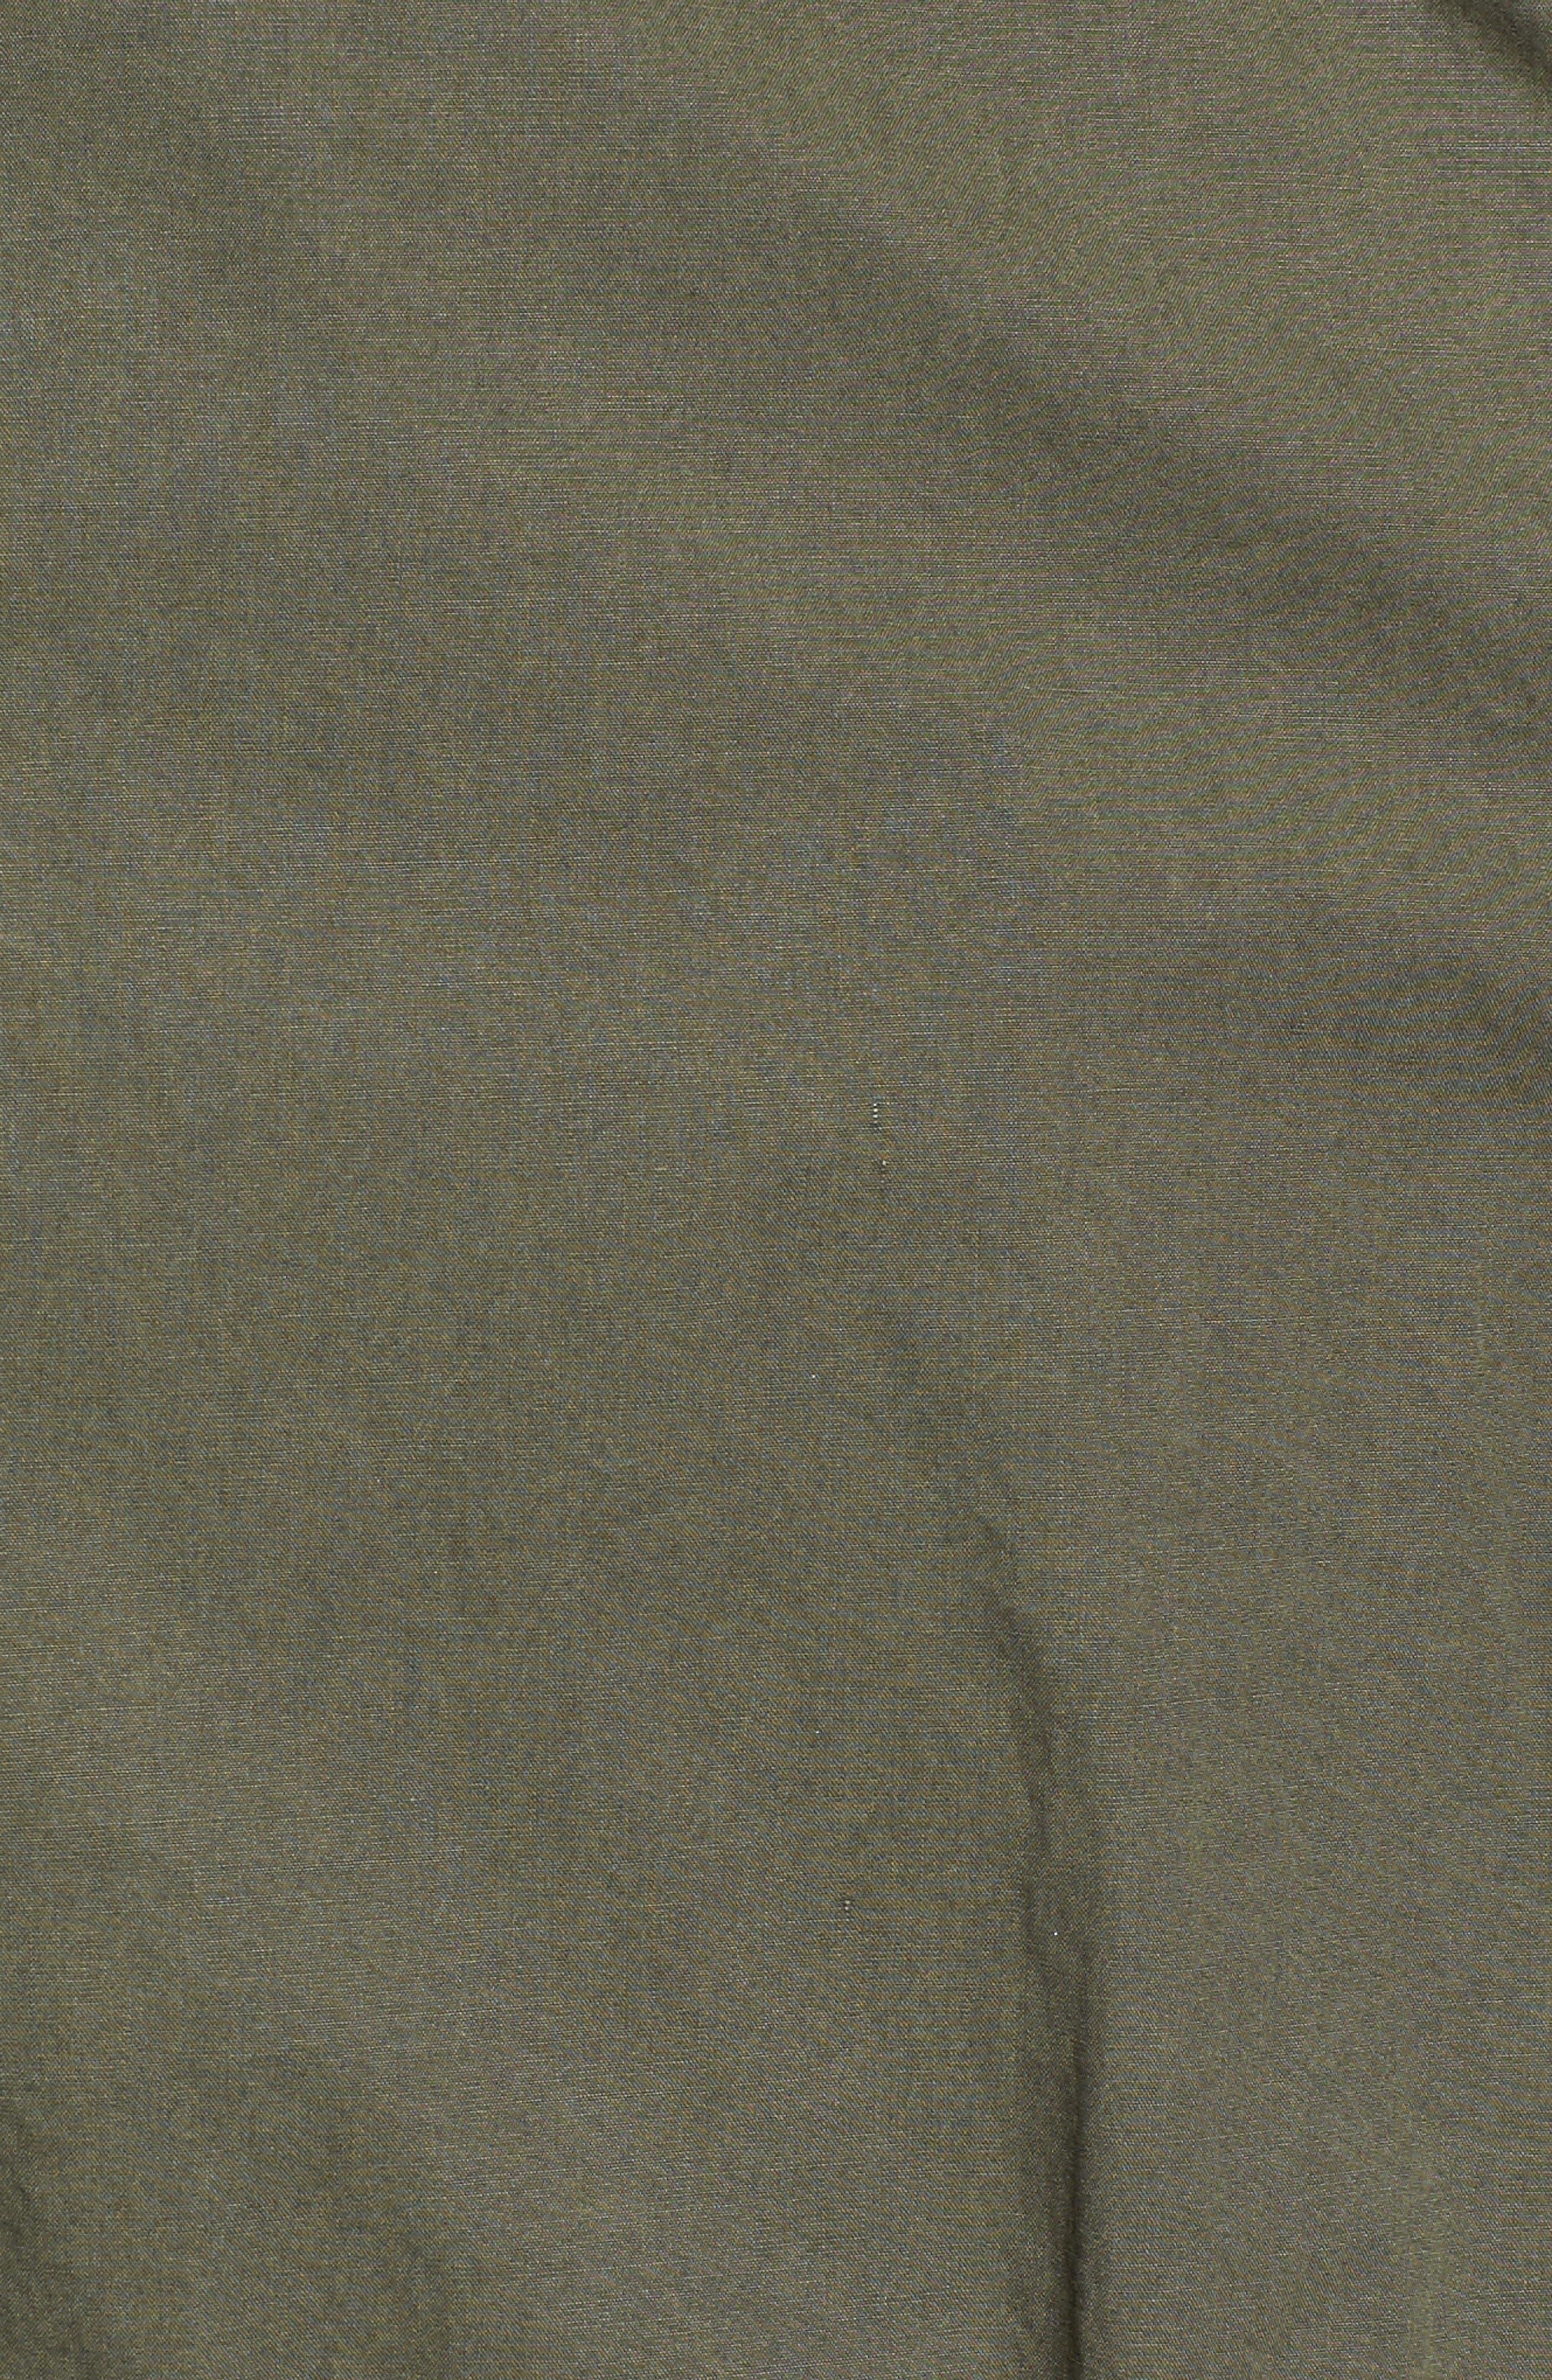 Levi's Parachute Cotton Vest,                             Alternate thumbnail 6, color,                             Army Green